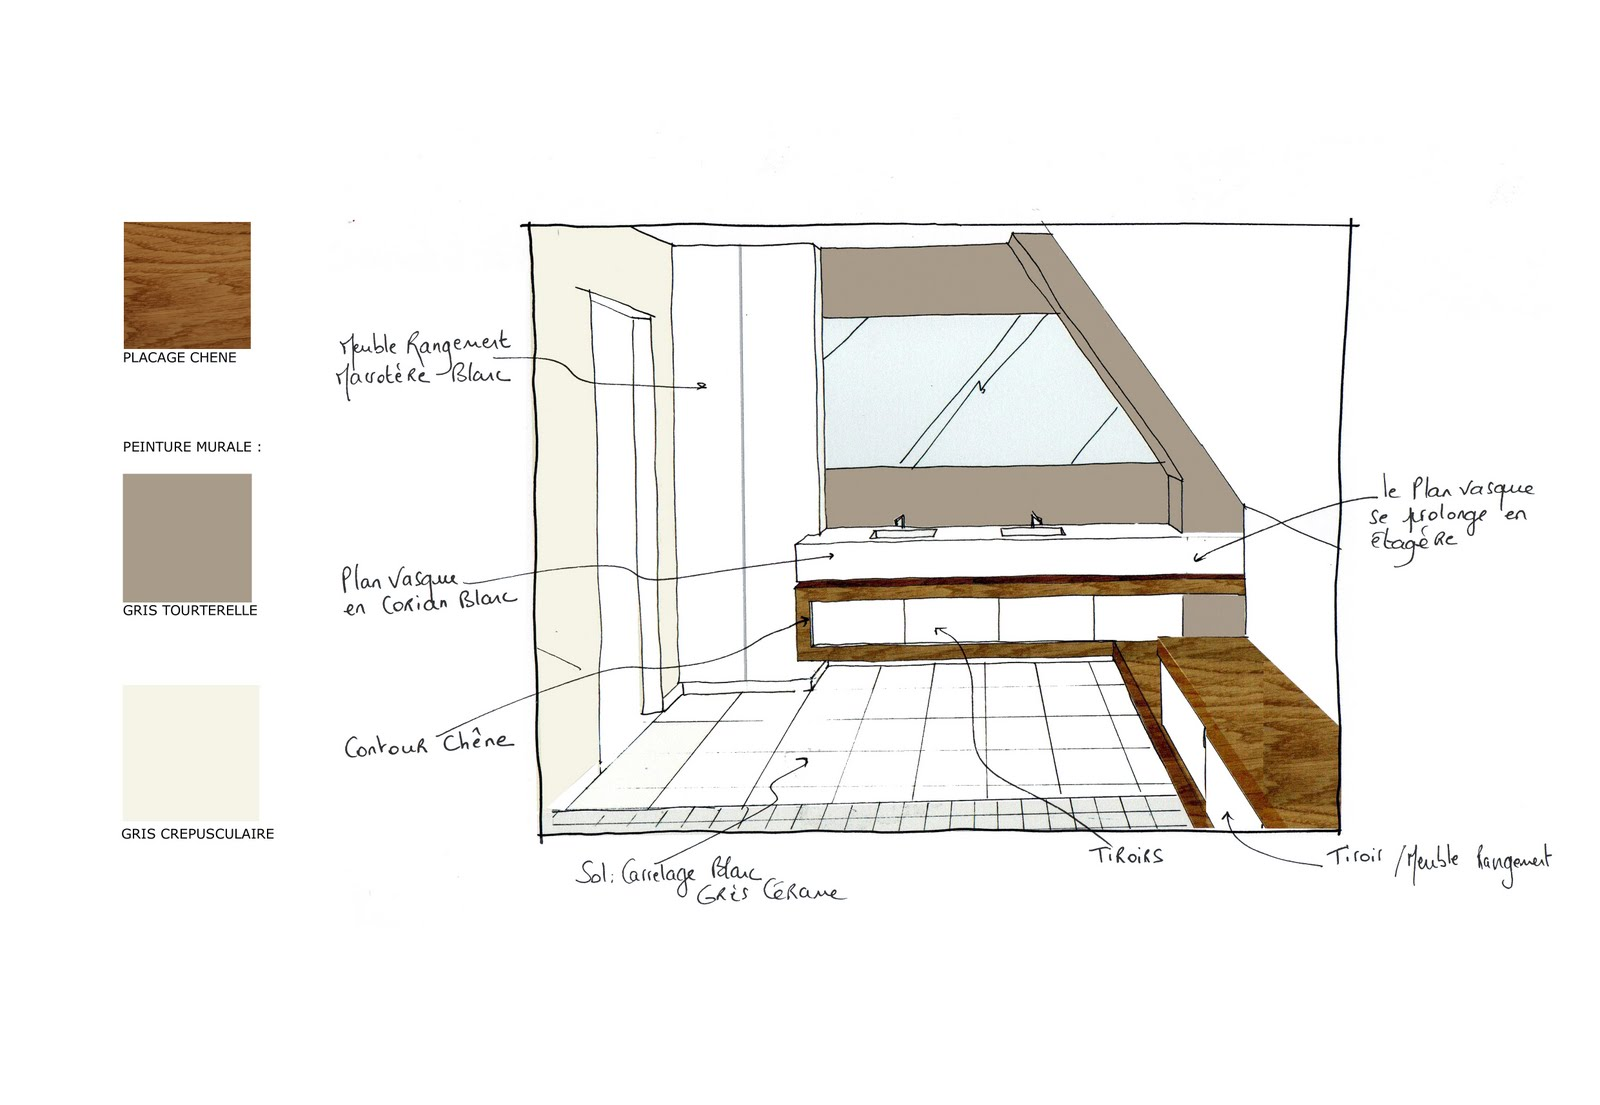 Architecture D Intérieur Saint Luc l'architecture d'intérieur: aménagement d'une salle de